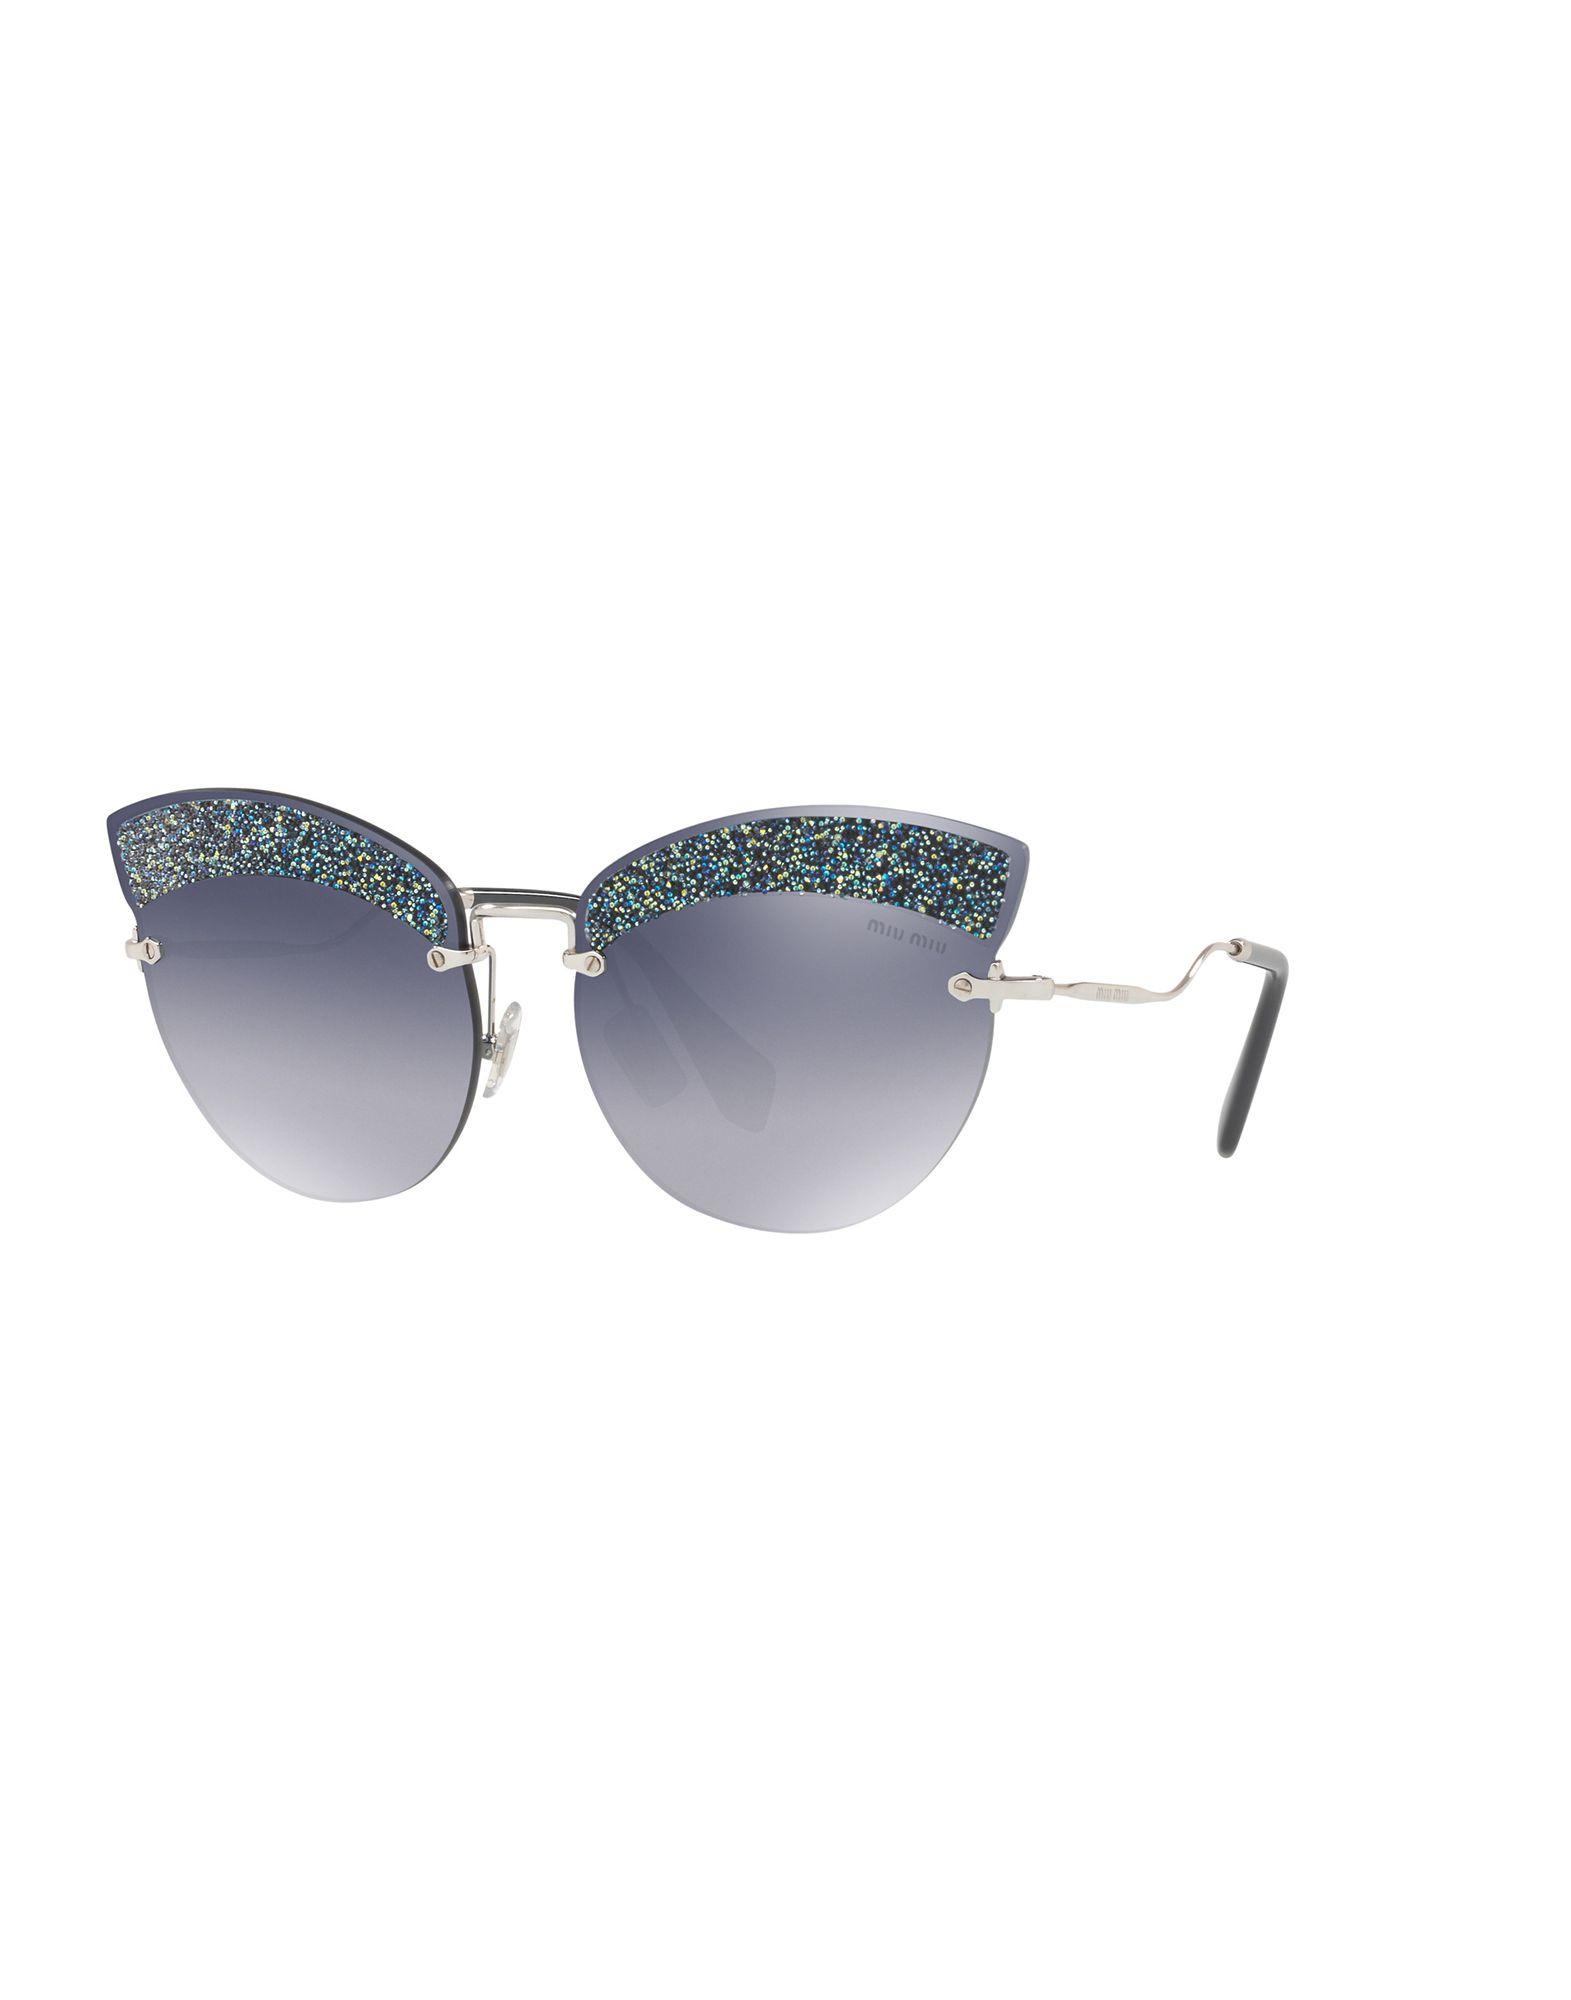 MIU MIU Солнечные очки miu miu купальный бюстгальтер